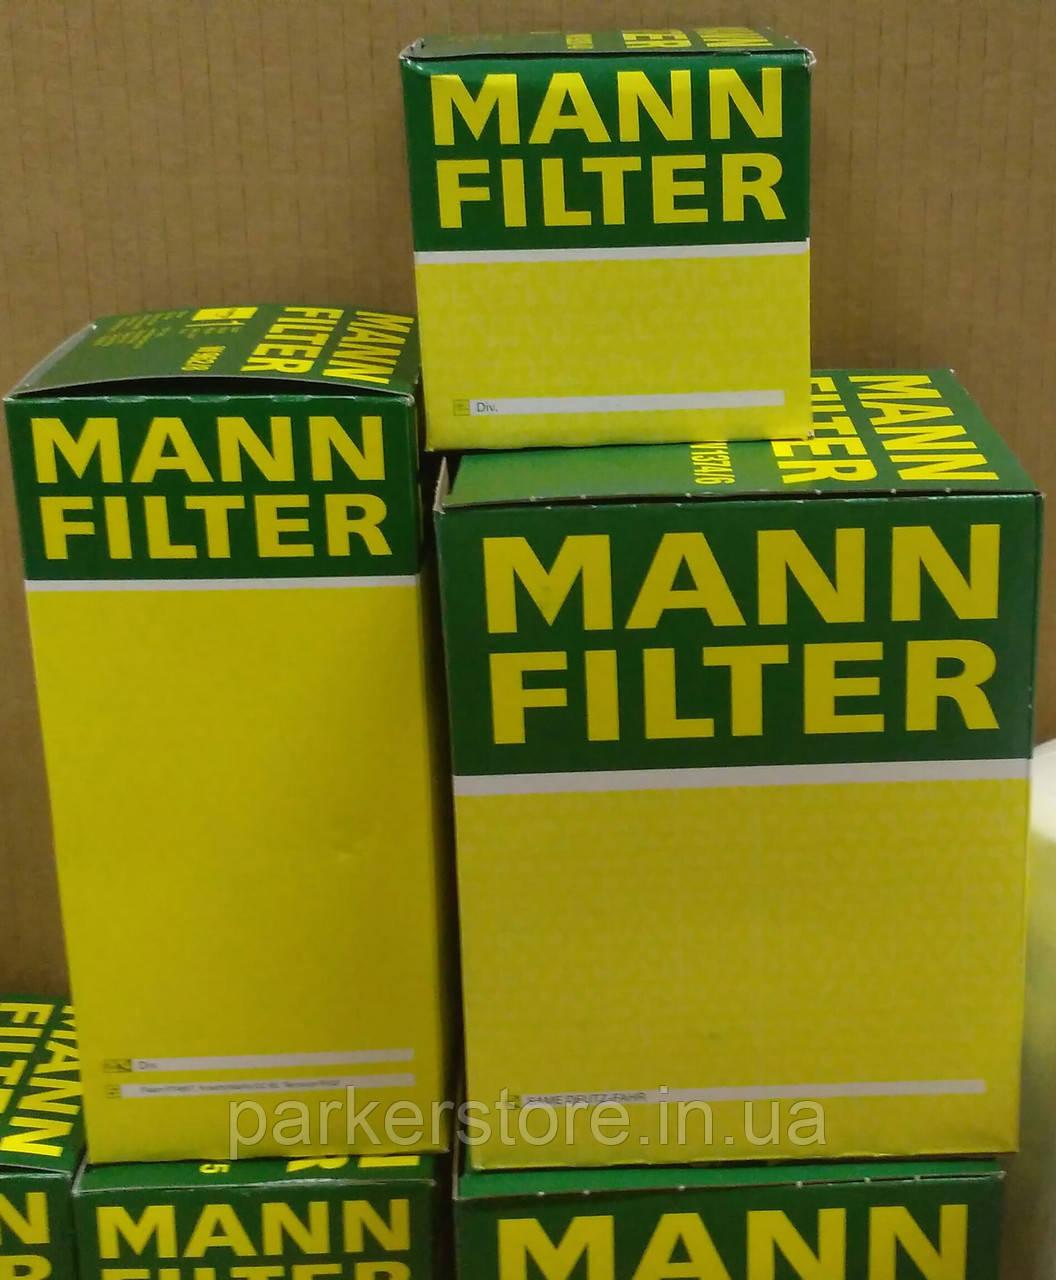 MANN FILTER / Повітряний фільтр / C 25 124 / C25124